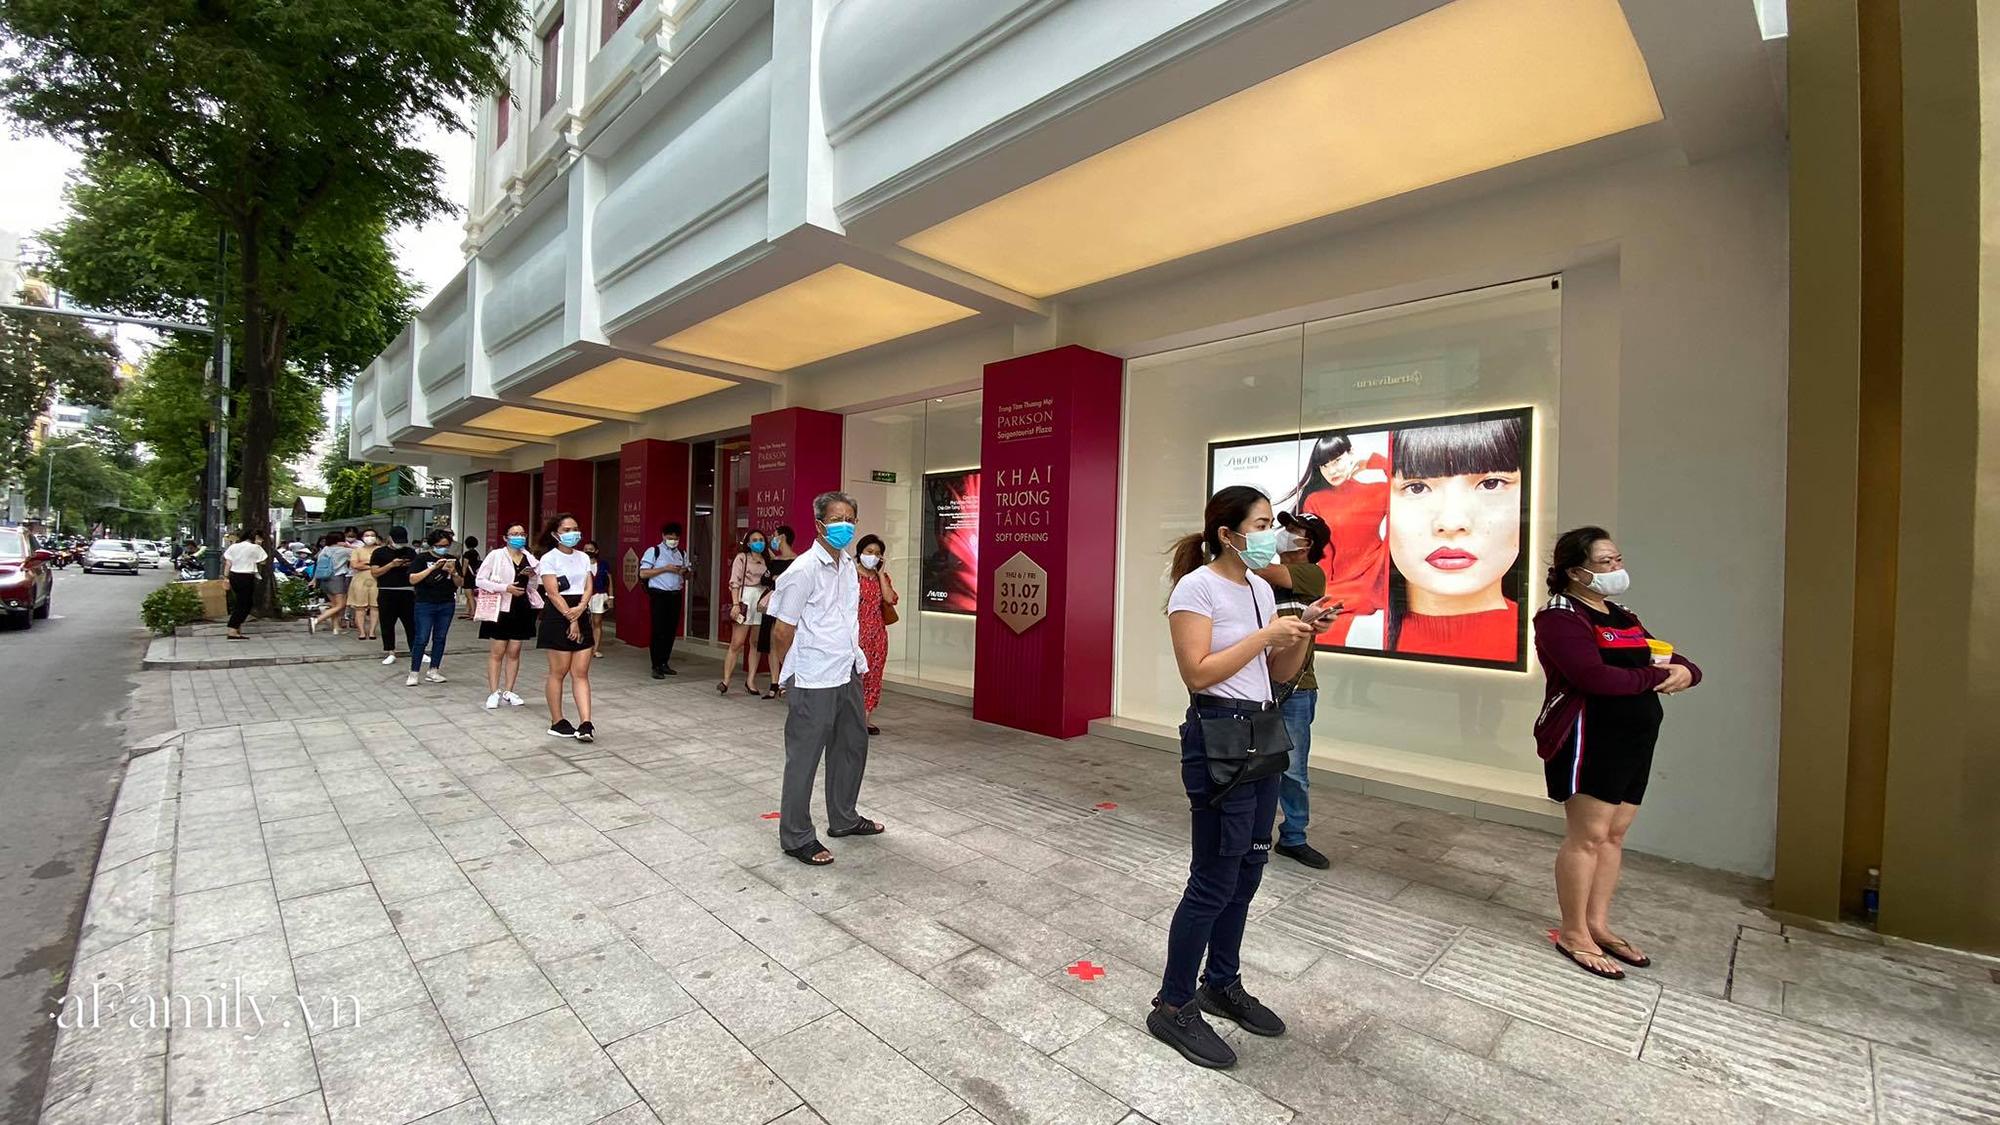 Ngày đón khách đầu tiên của MUJI tại Sài Gòn, không truyền thông rầm rộ nhưng dòng người xếp hàng dài cách nhau 2m vẫn nối đuôi như vô tận -2